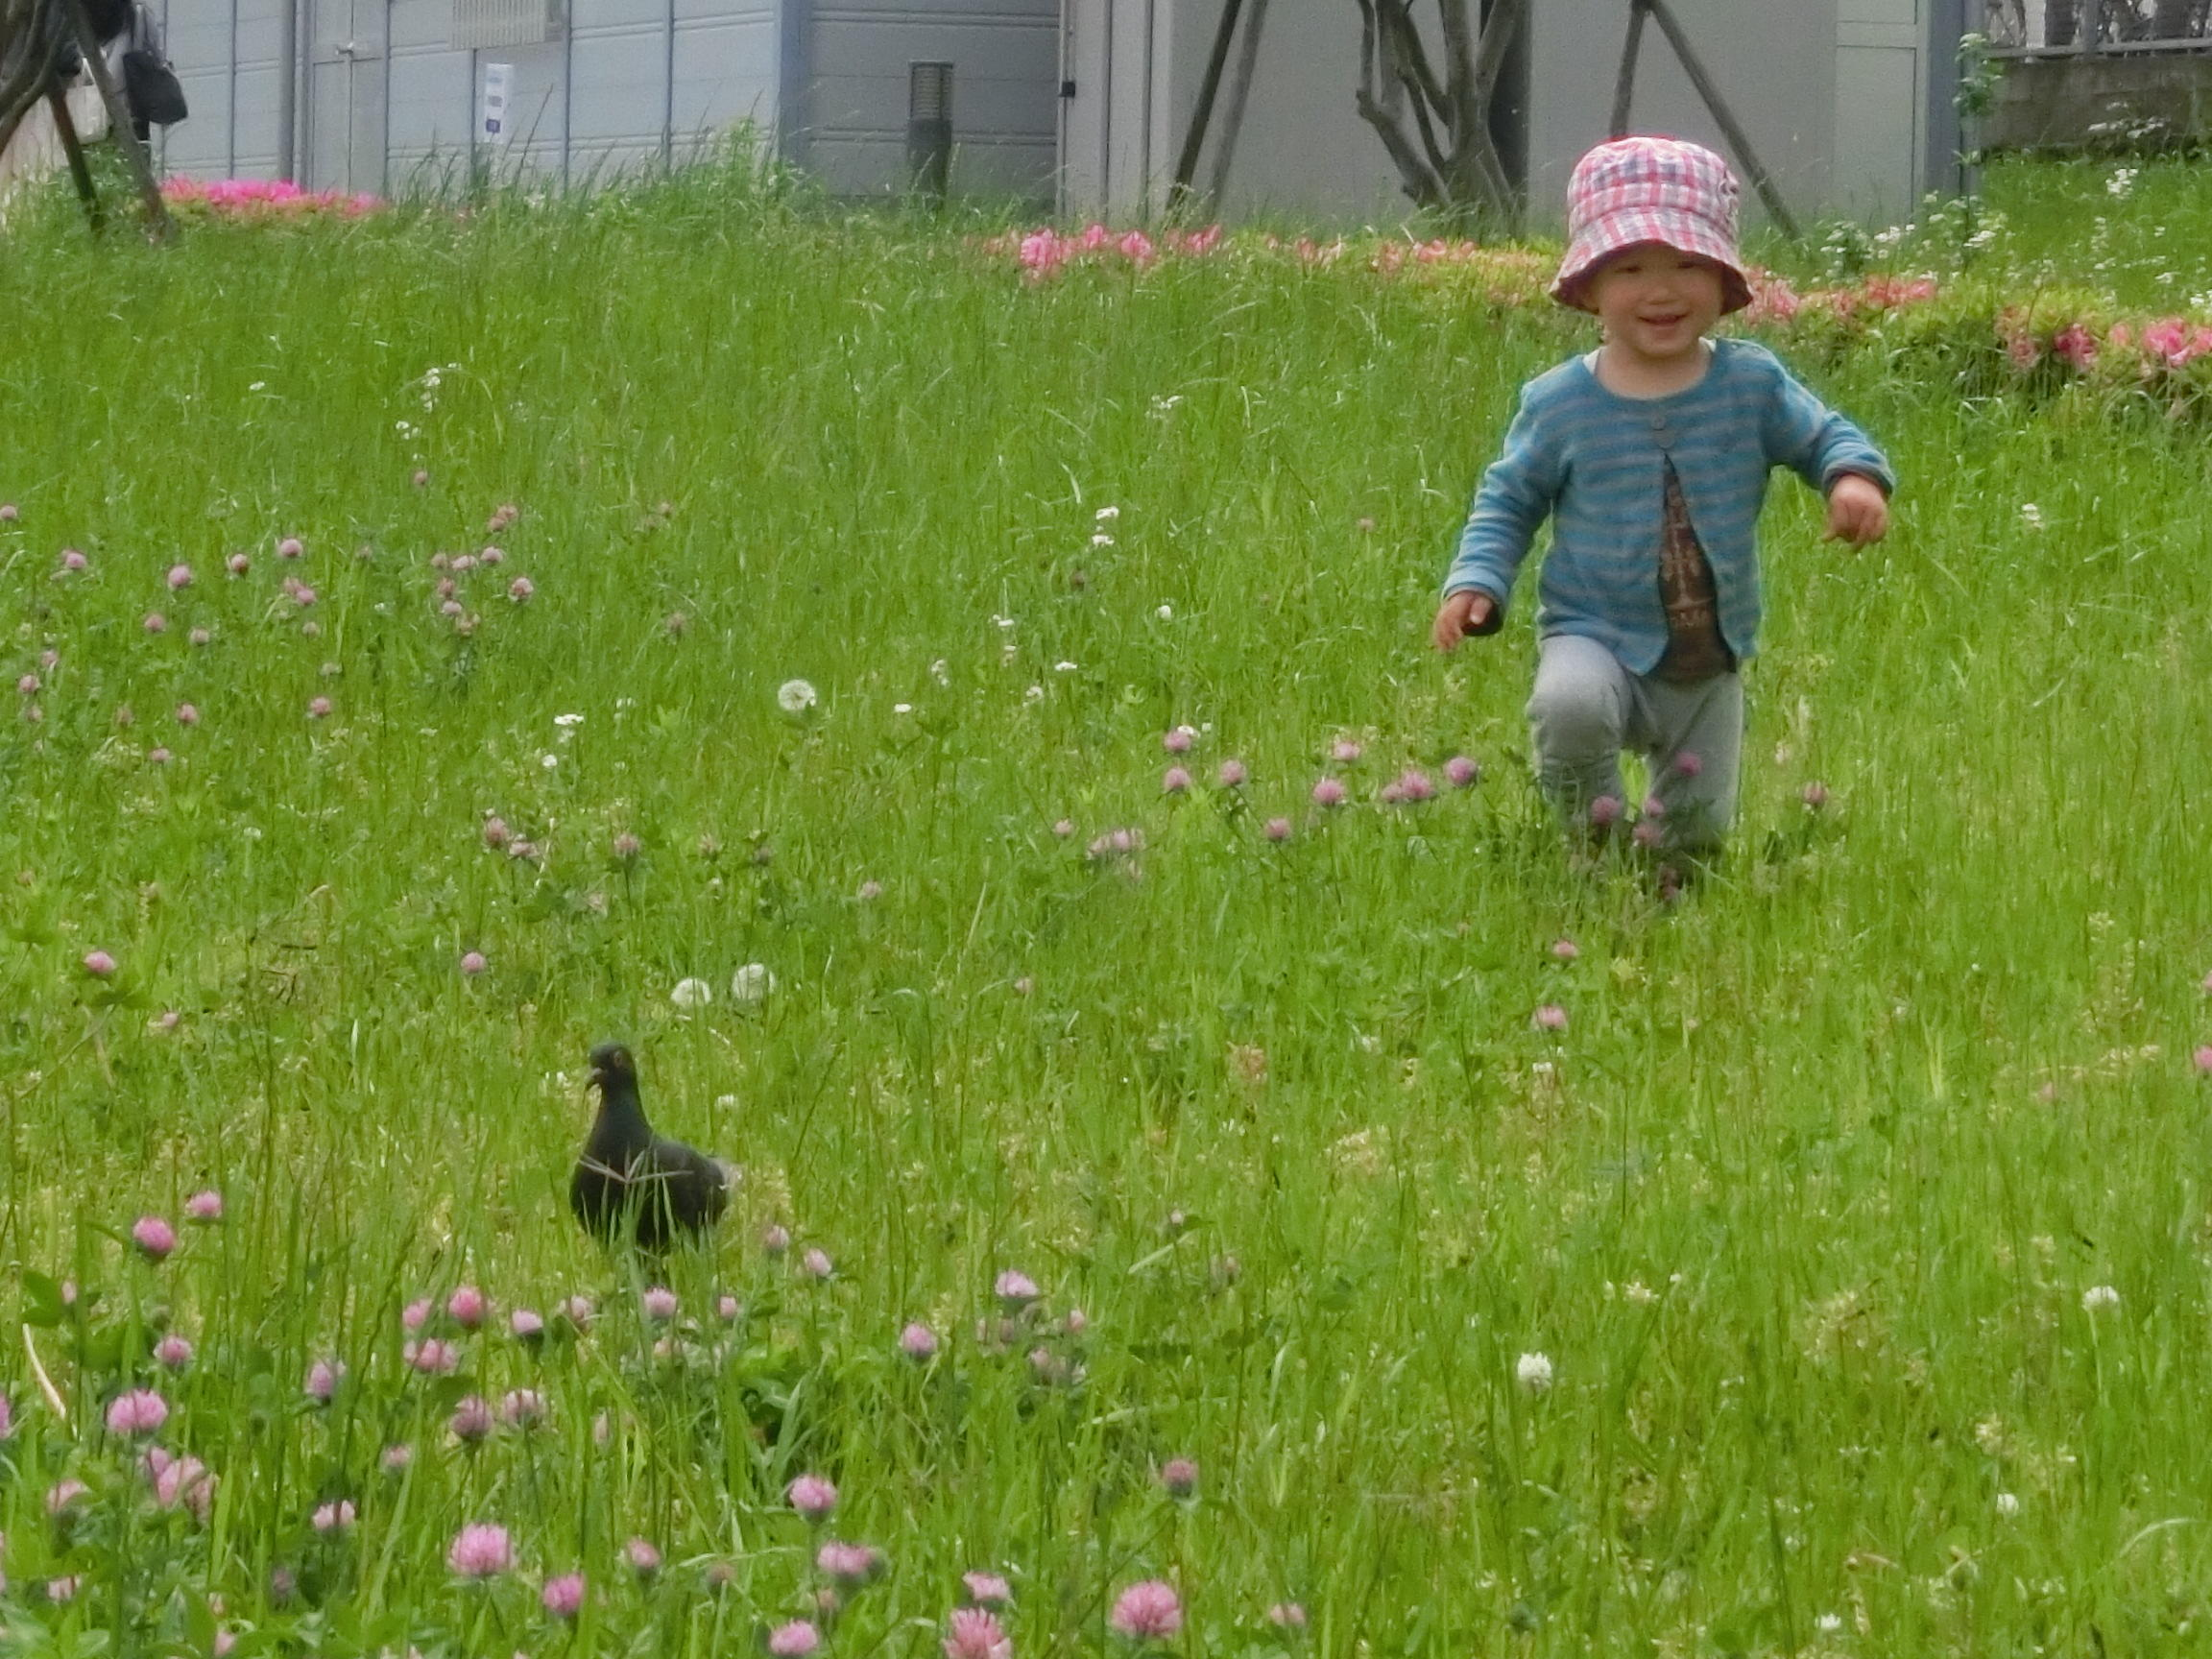 東京家政大学板橋キャンパスの乳幼児施設が2019年度から新たなスタート -- ナースリールームは板橋区の認可保育所に、みどりケ丘幼稚園は認定こども園に